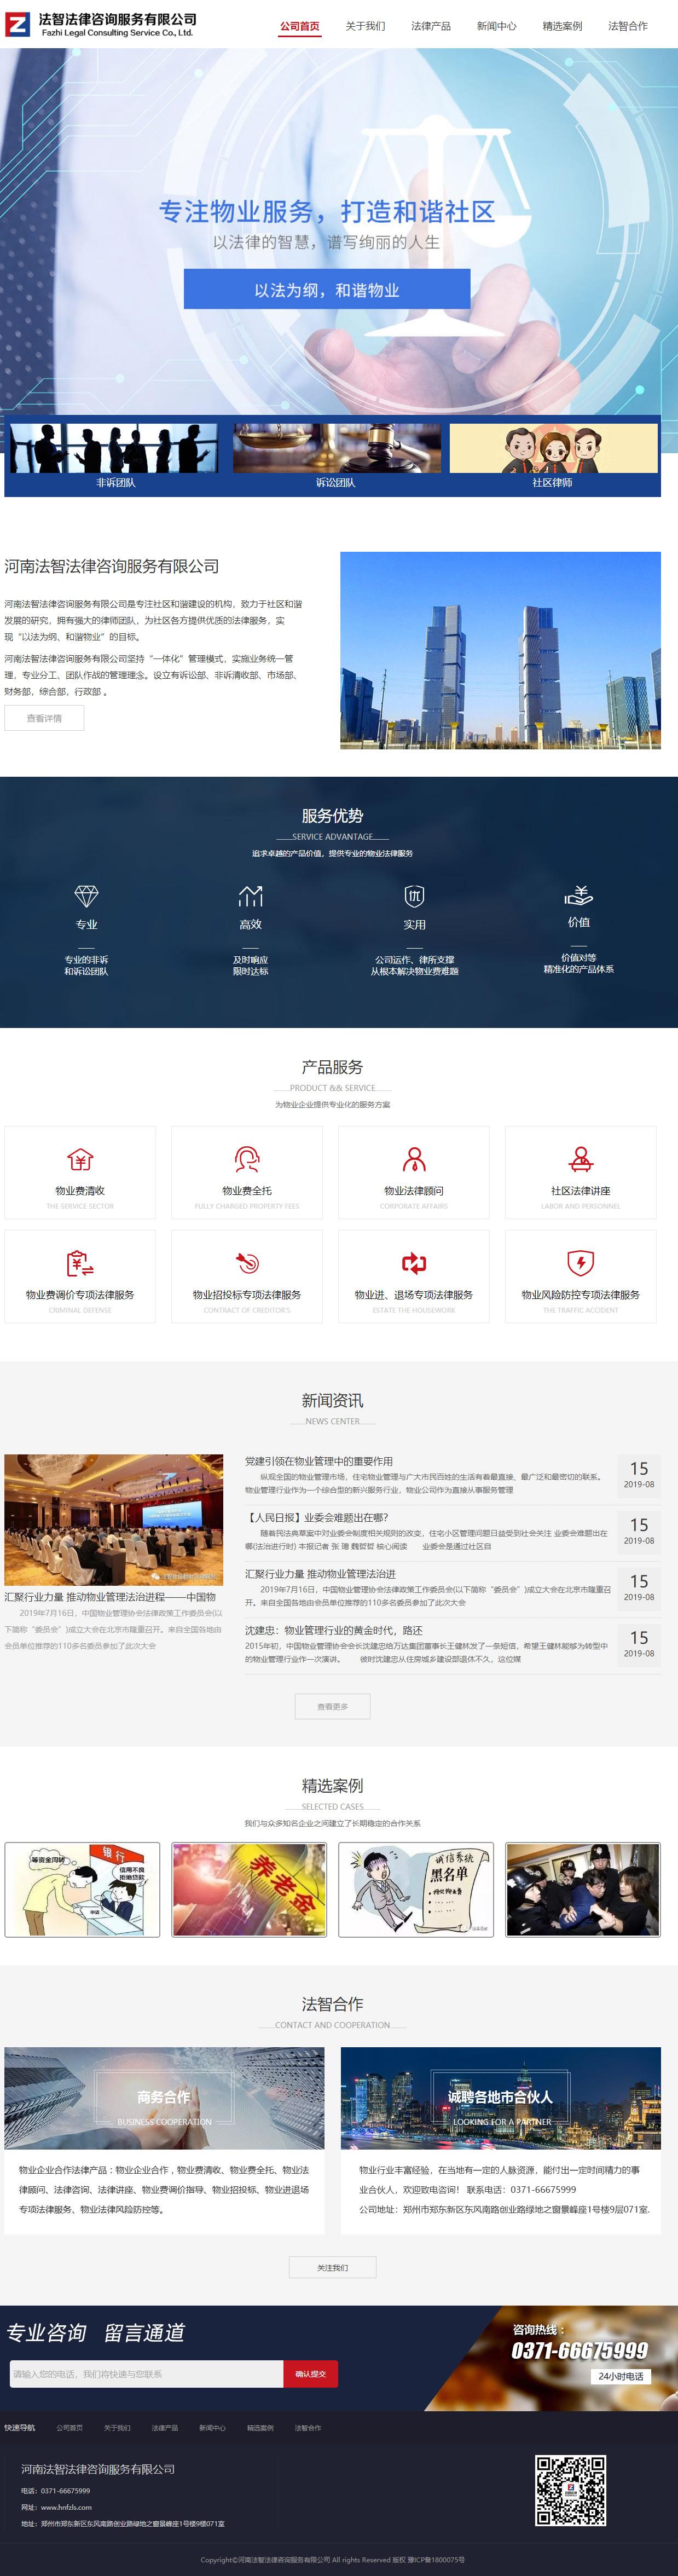 河南法智法律咨询服务有限公司效果图